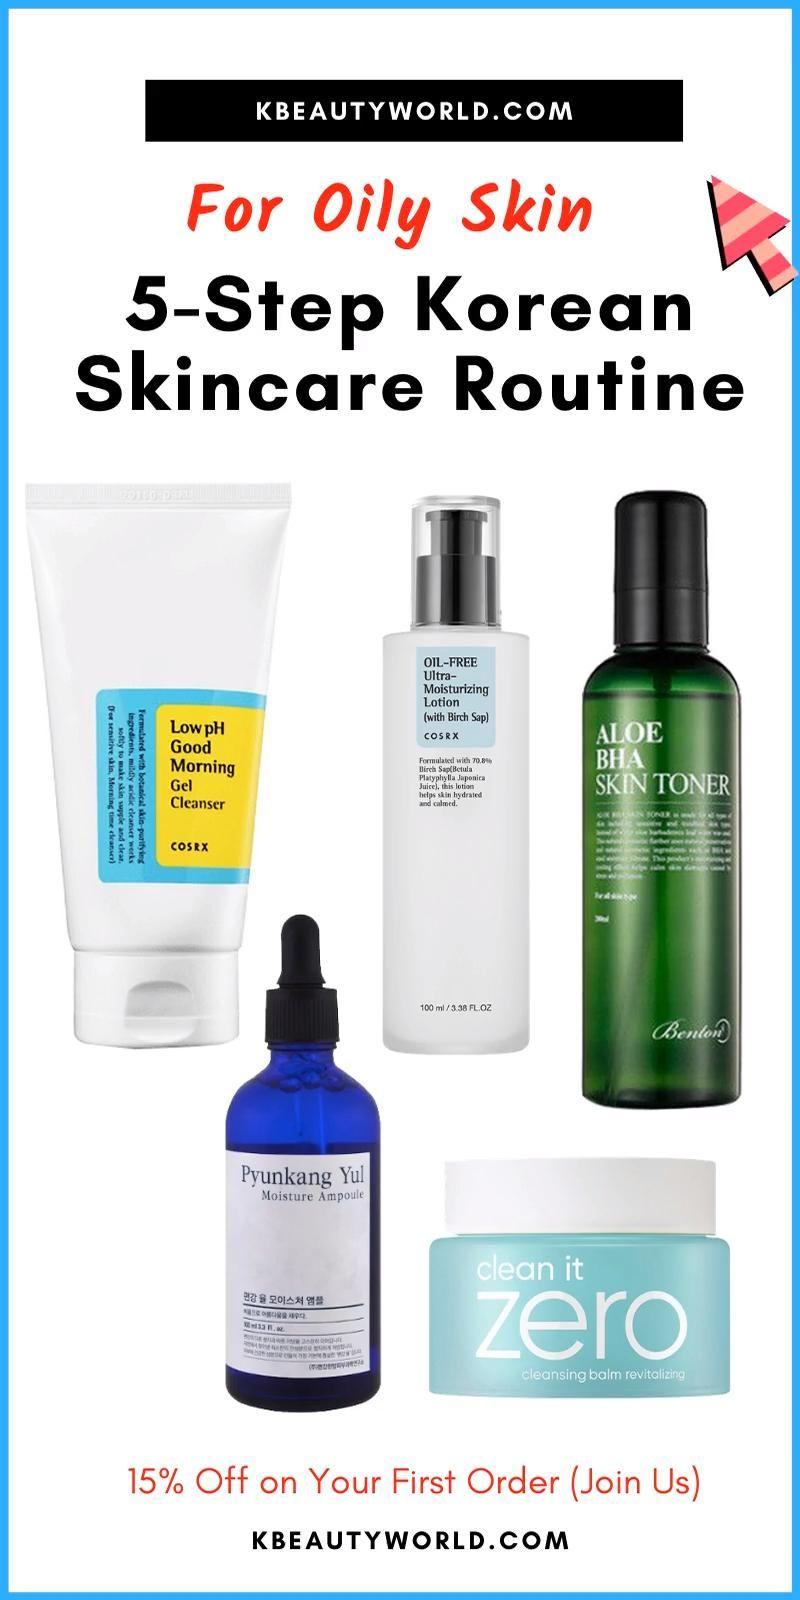 5 Step Korean Skin Care Routine For Oily Skin Video Video In 2020 Skin Care Routine Oily Skin Korean Skincare Routine